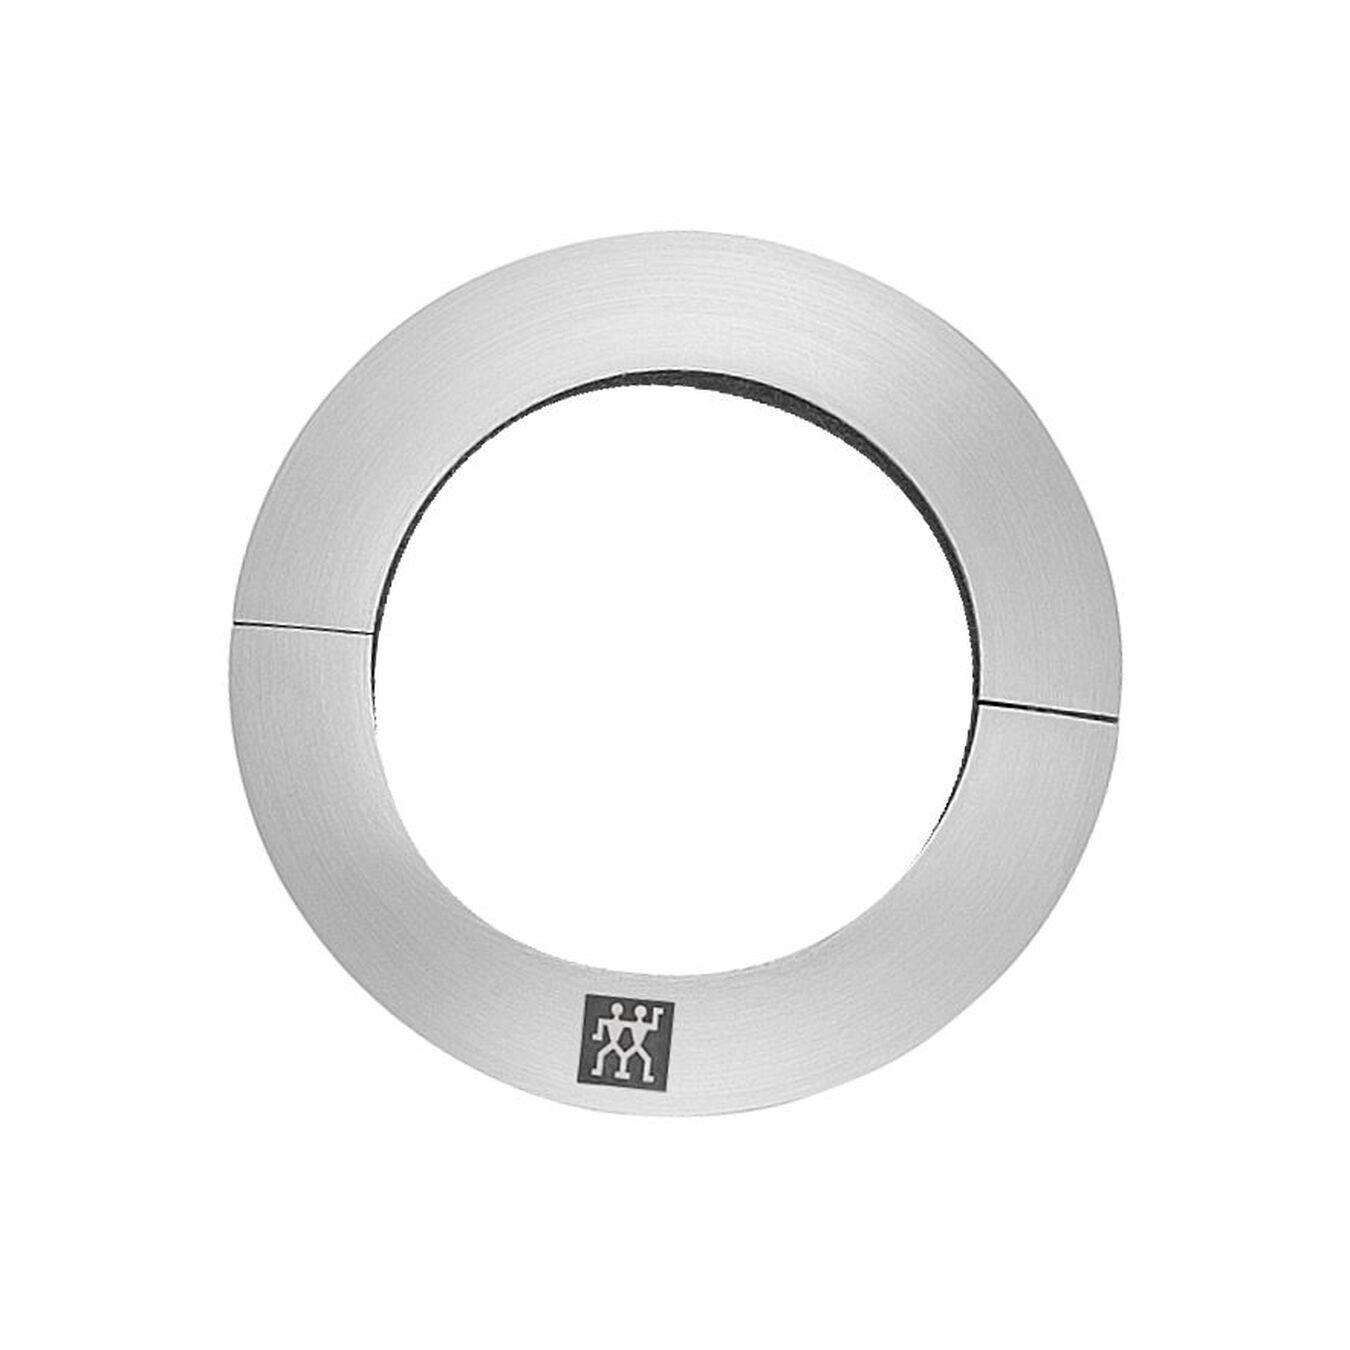 Salvagoccia - 5 cm, 18/10 acciaio inossidabile,,large 1